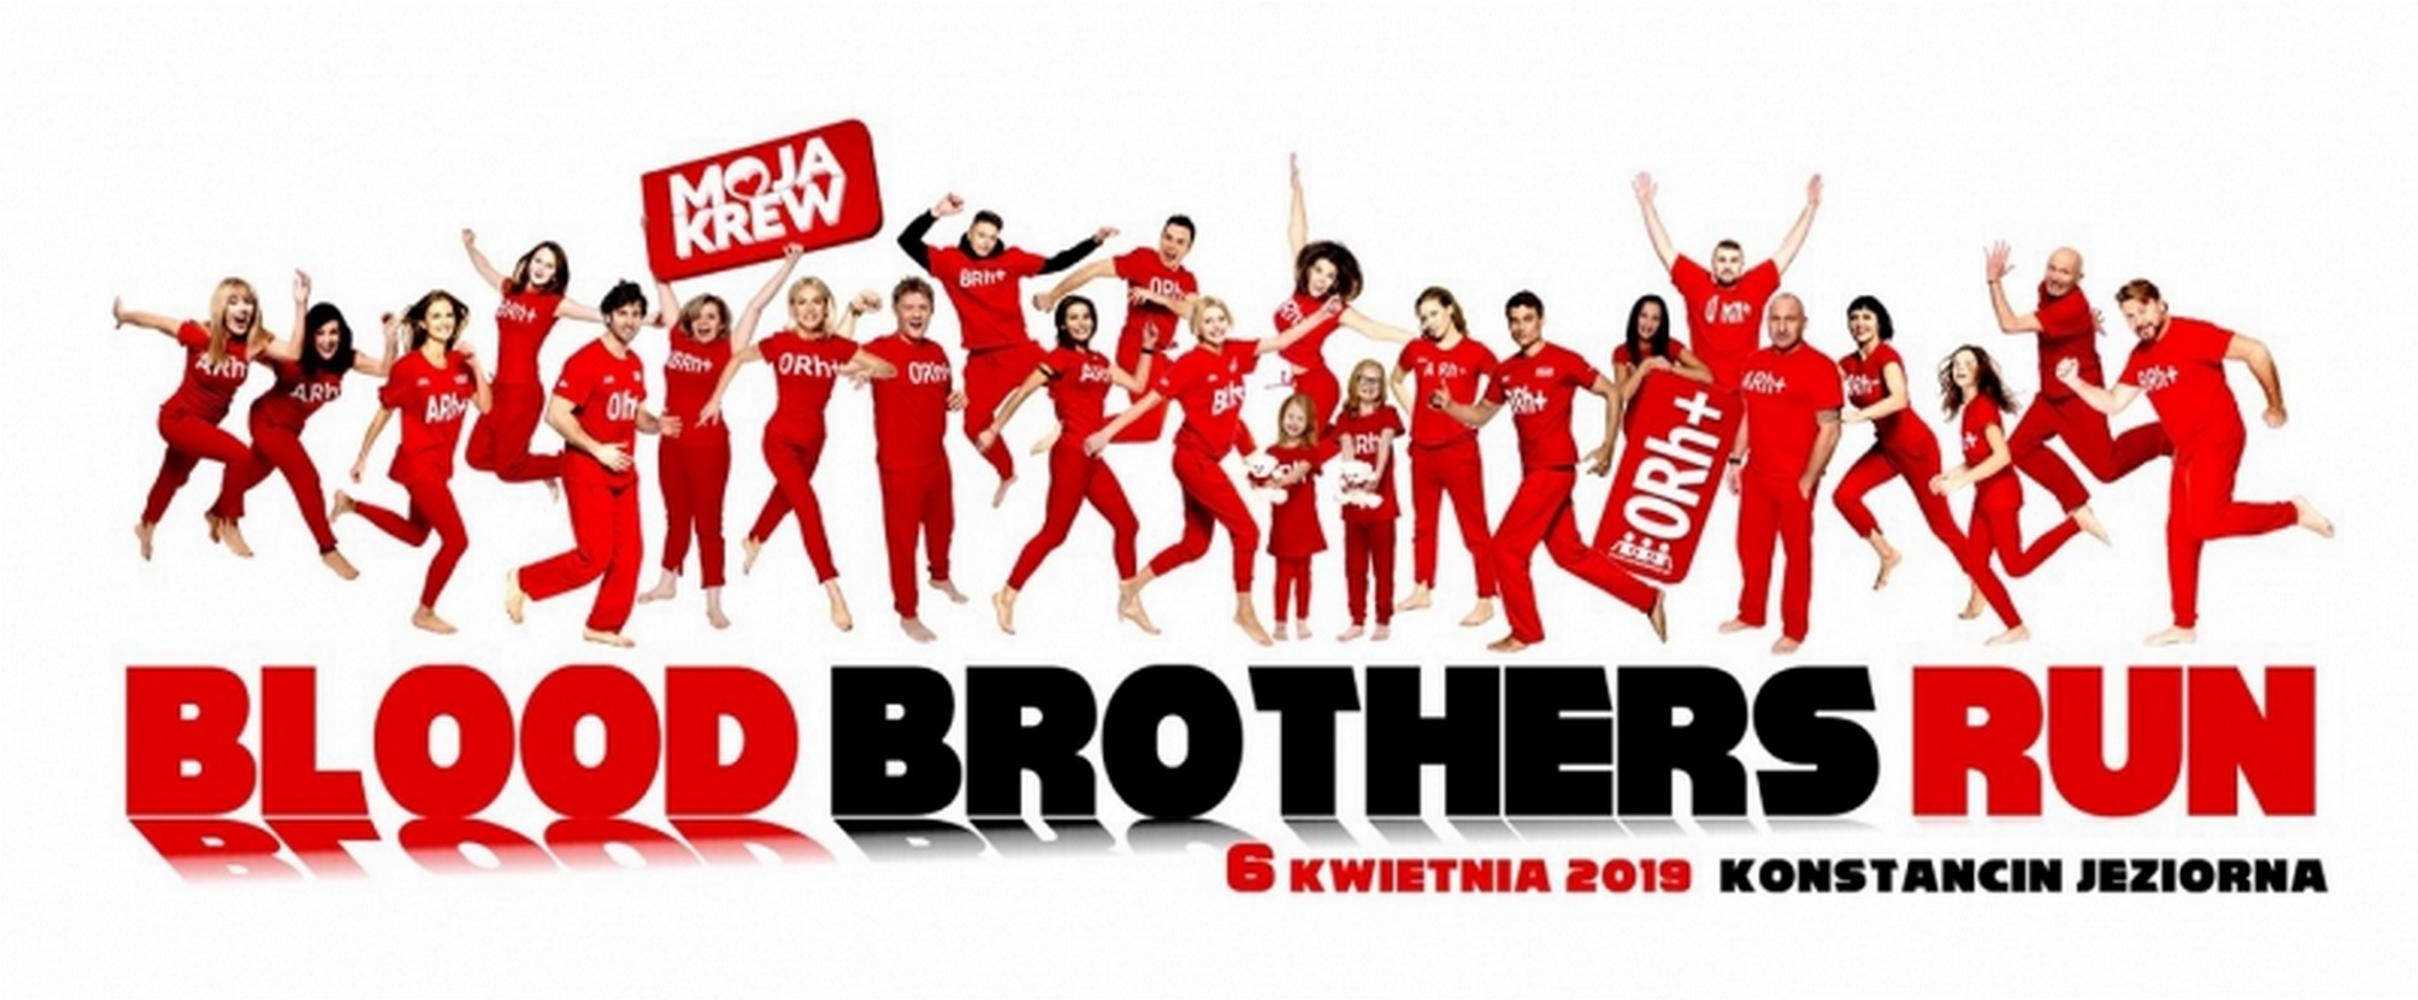 Blood Brothers Run – czyli bieg w imię zdrowia! - MrGentleman.pl